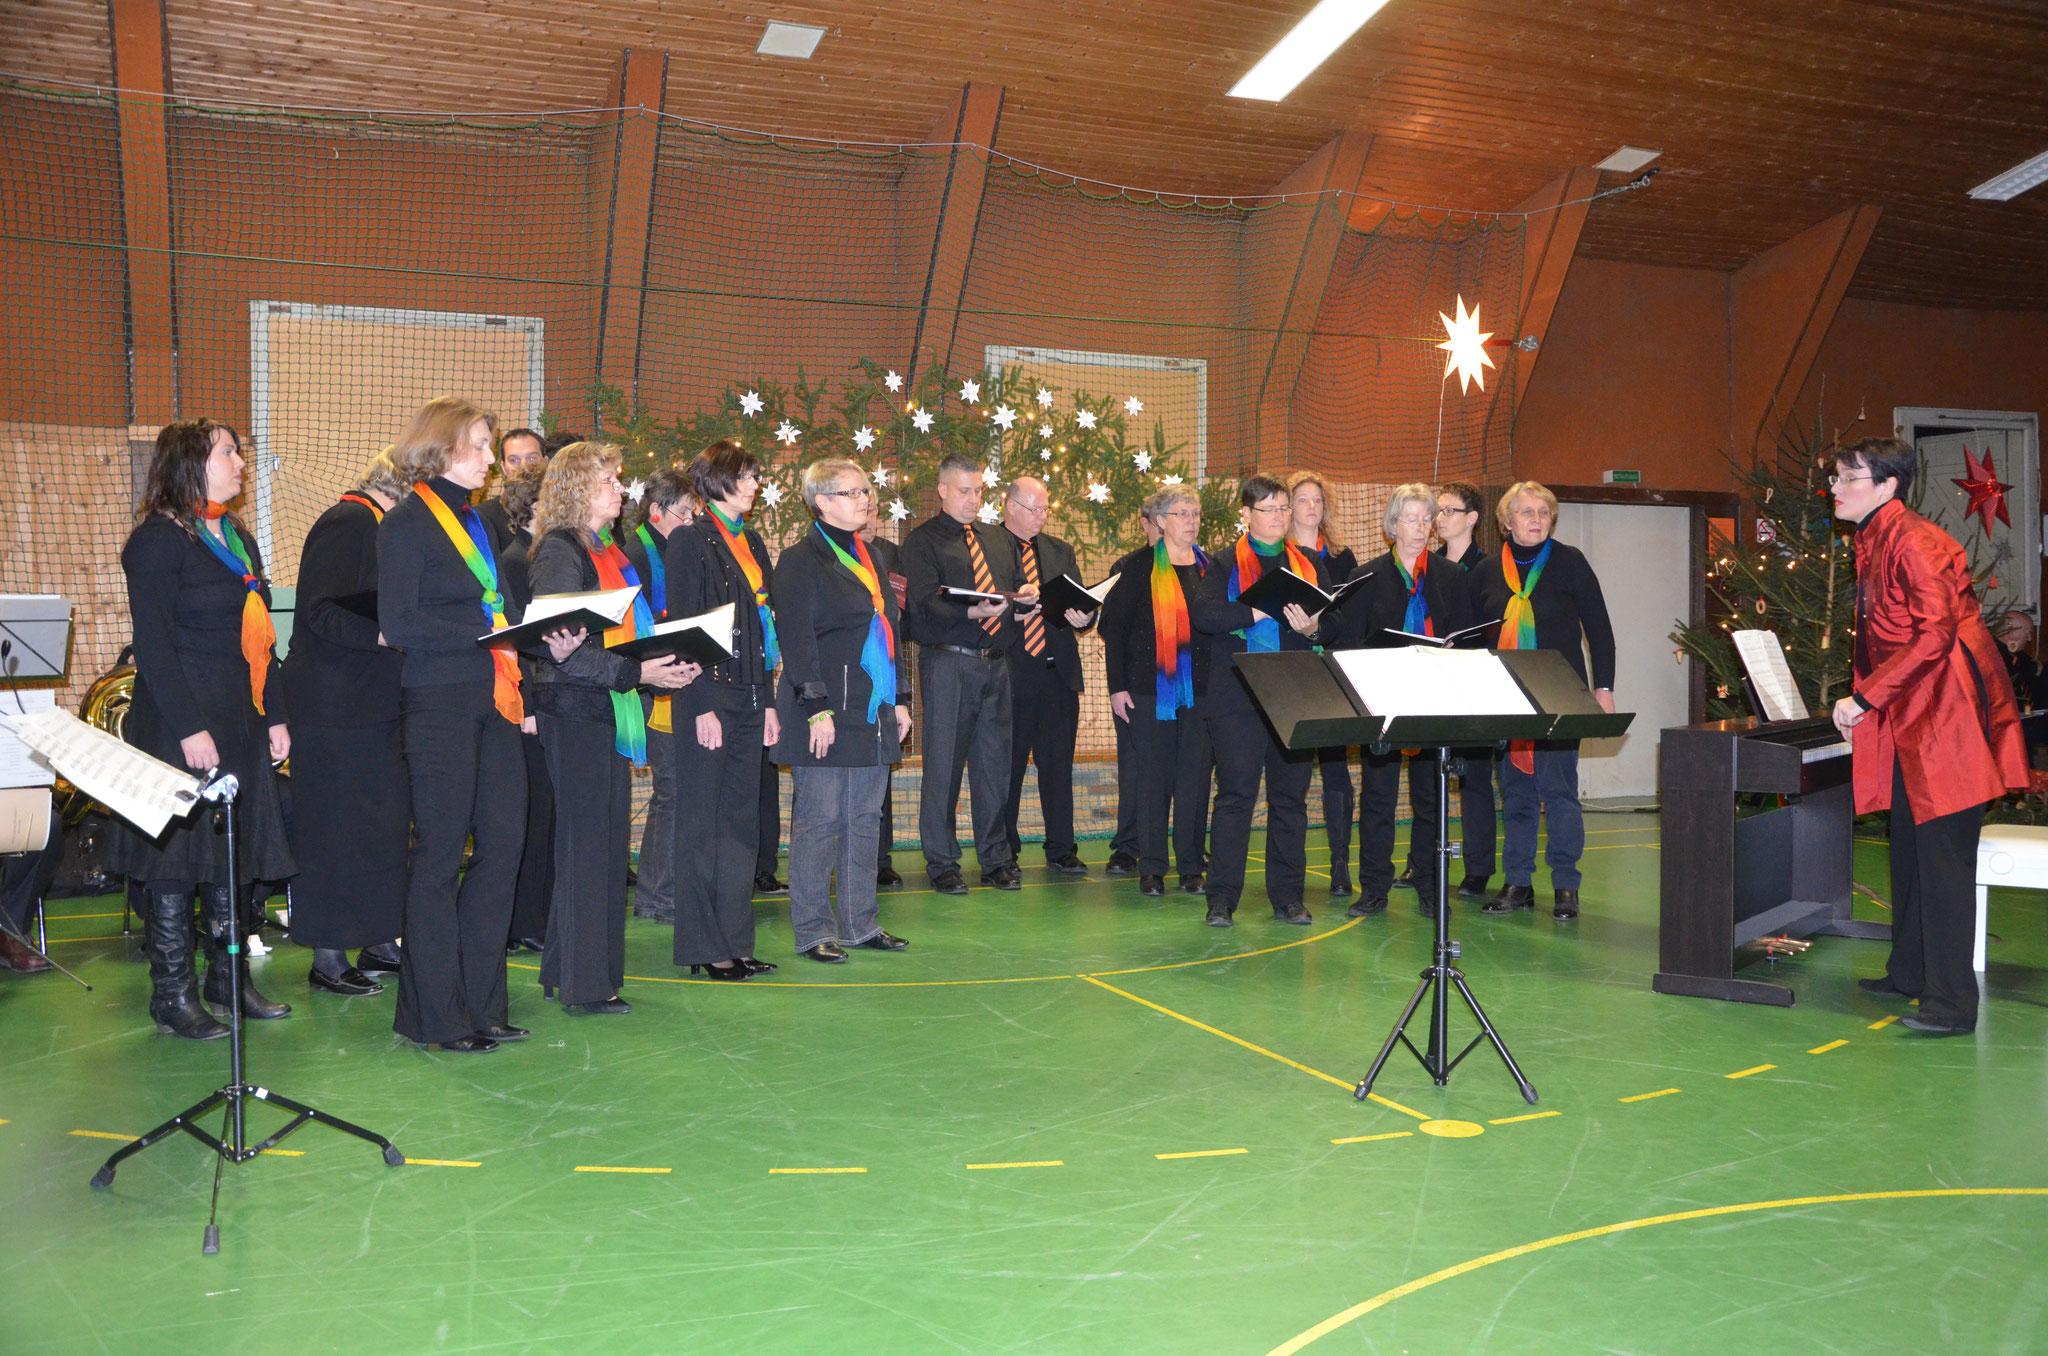 Adventskonzert 2012 in der Sporthalle Nordshausen